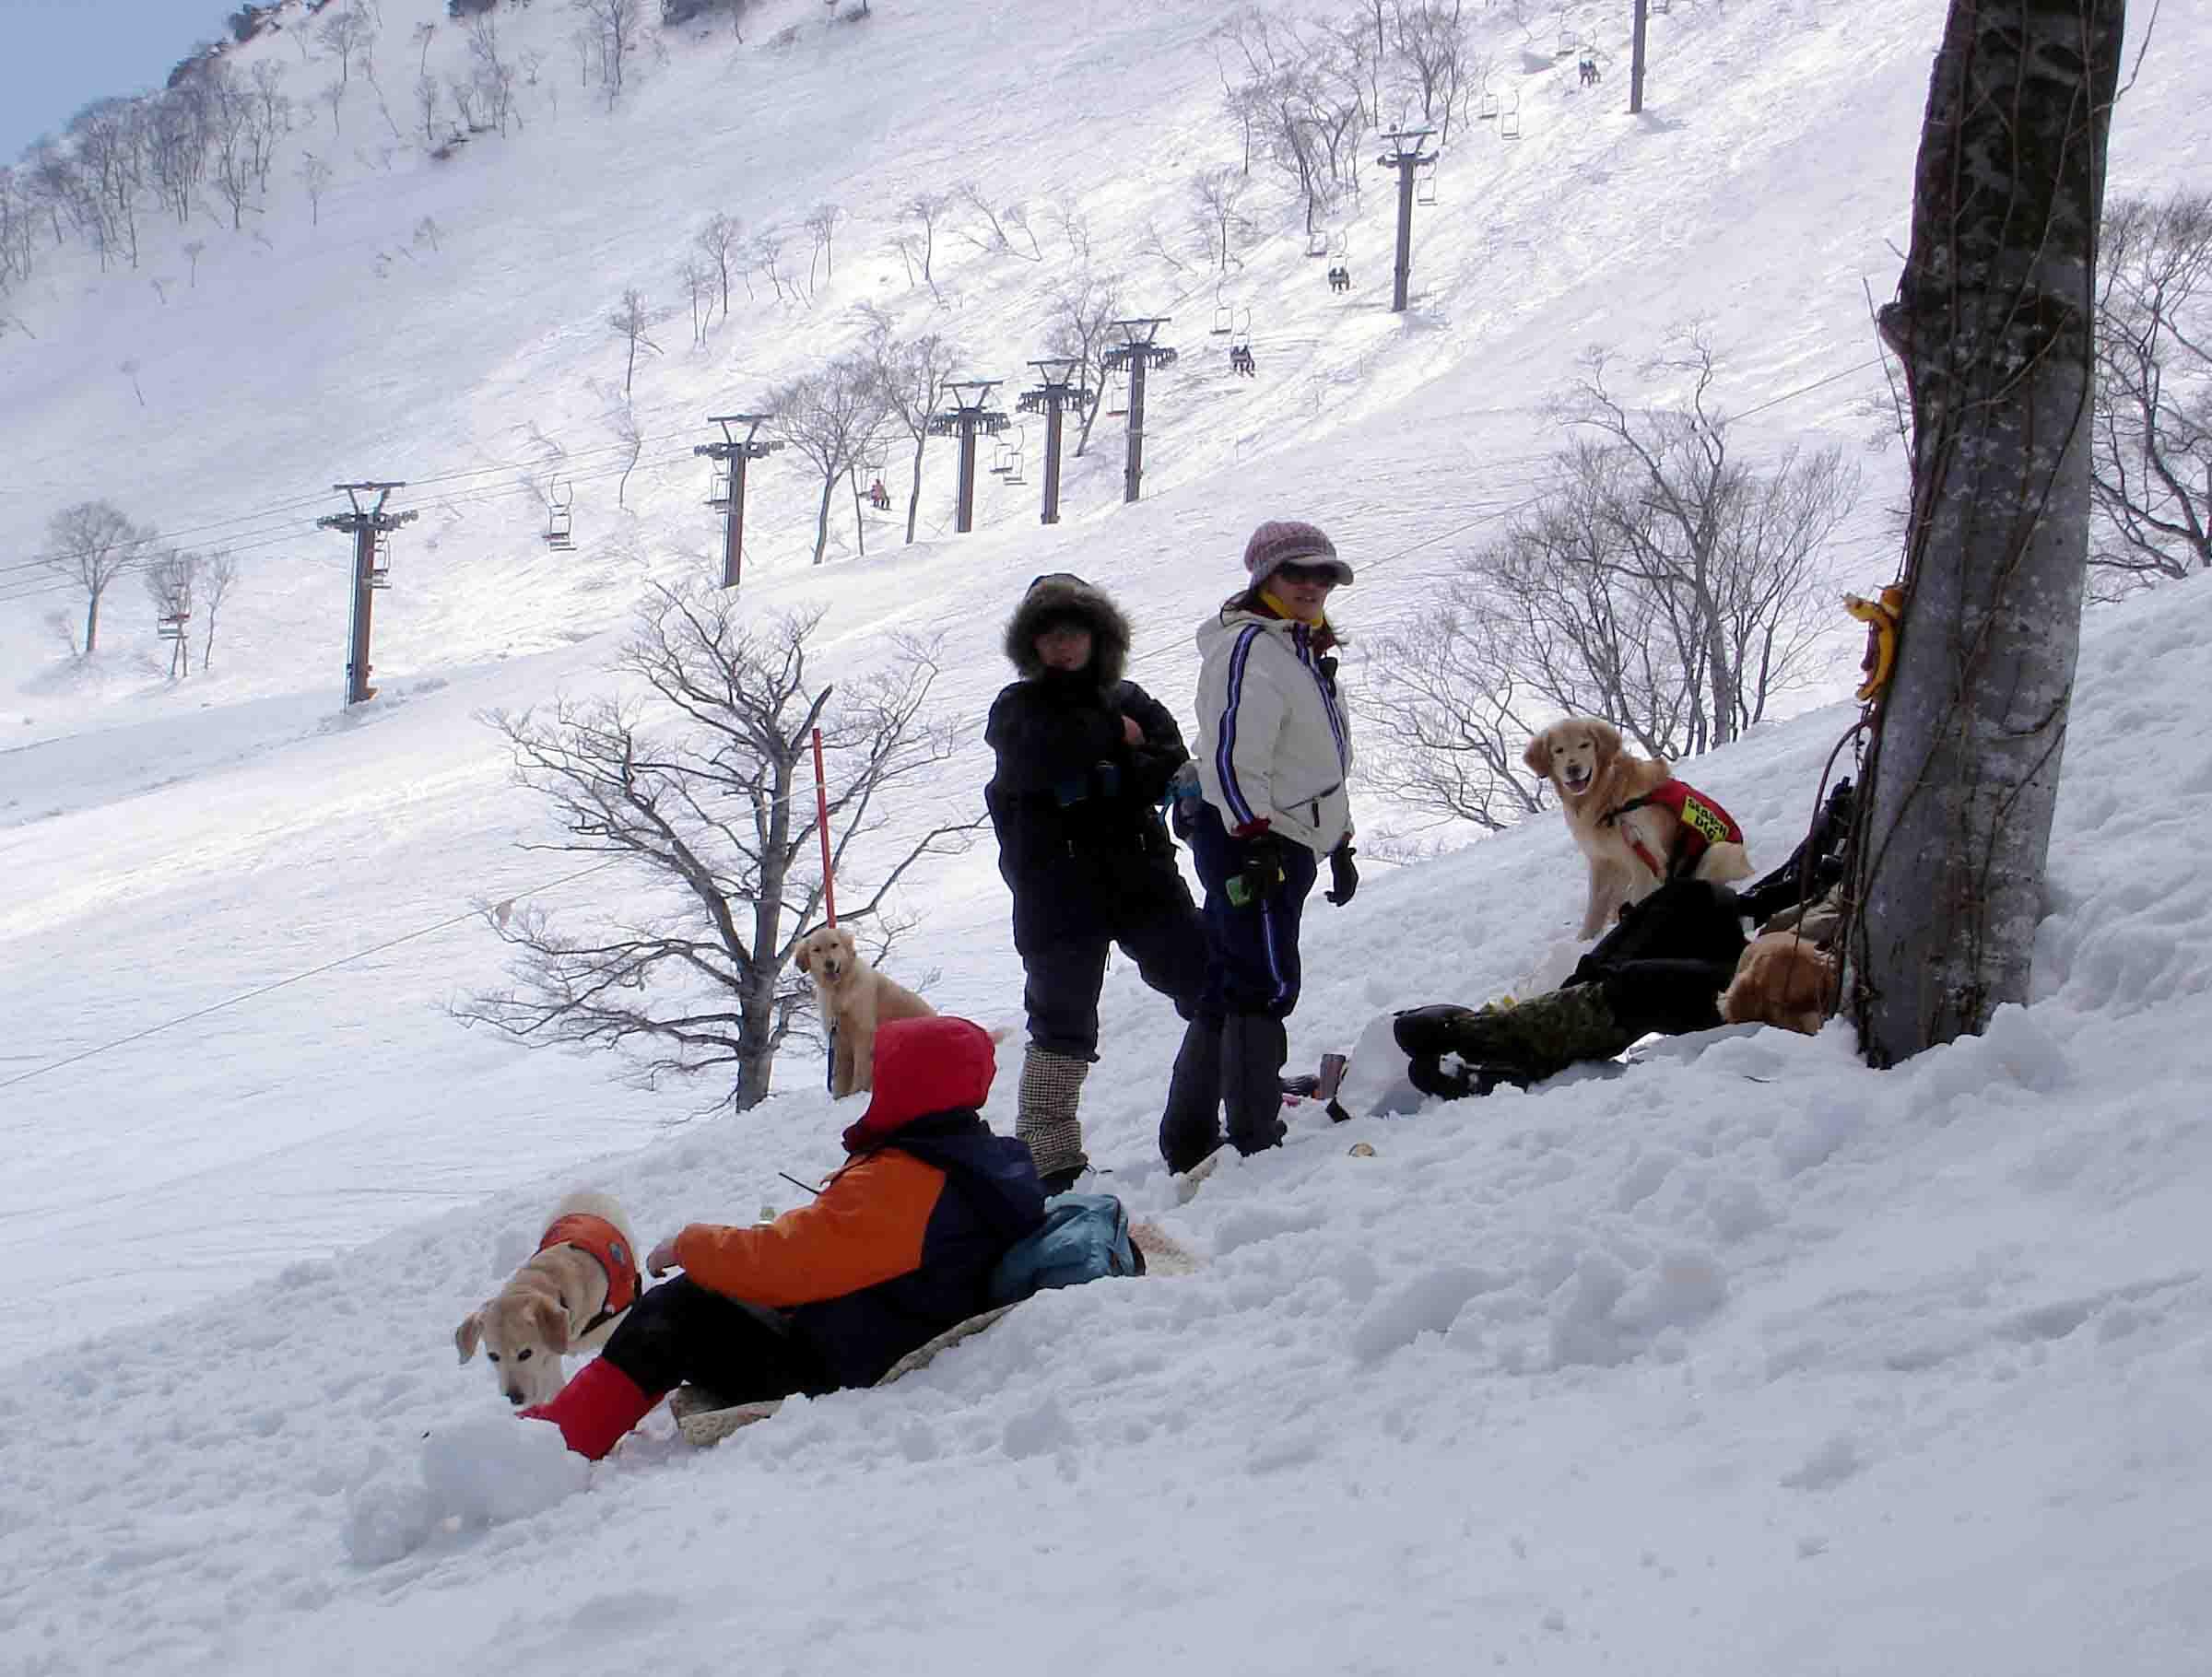 雪中訓練Ⅱ(14) 雪上の至福